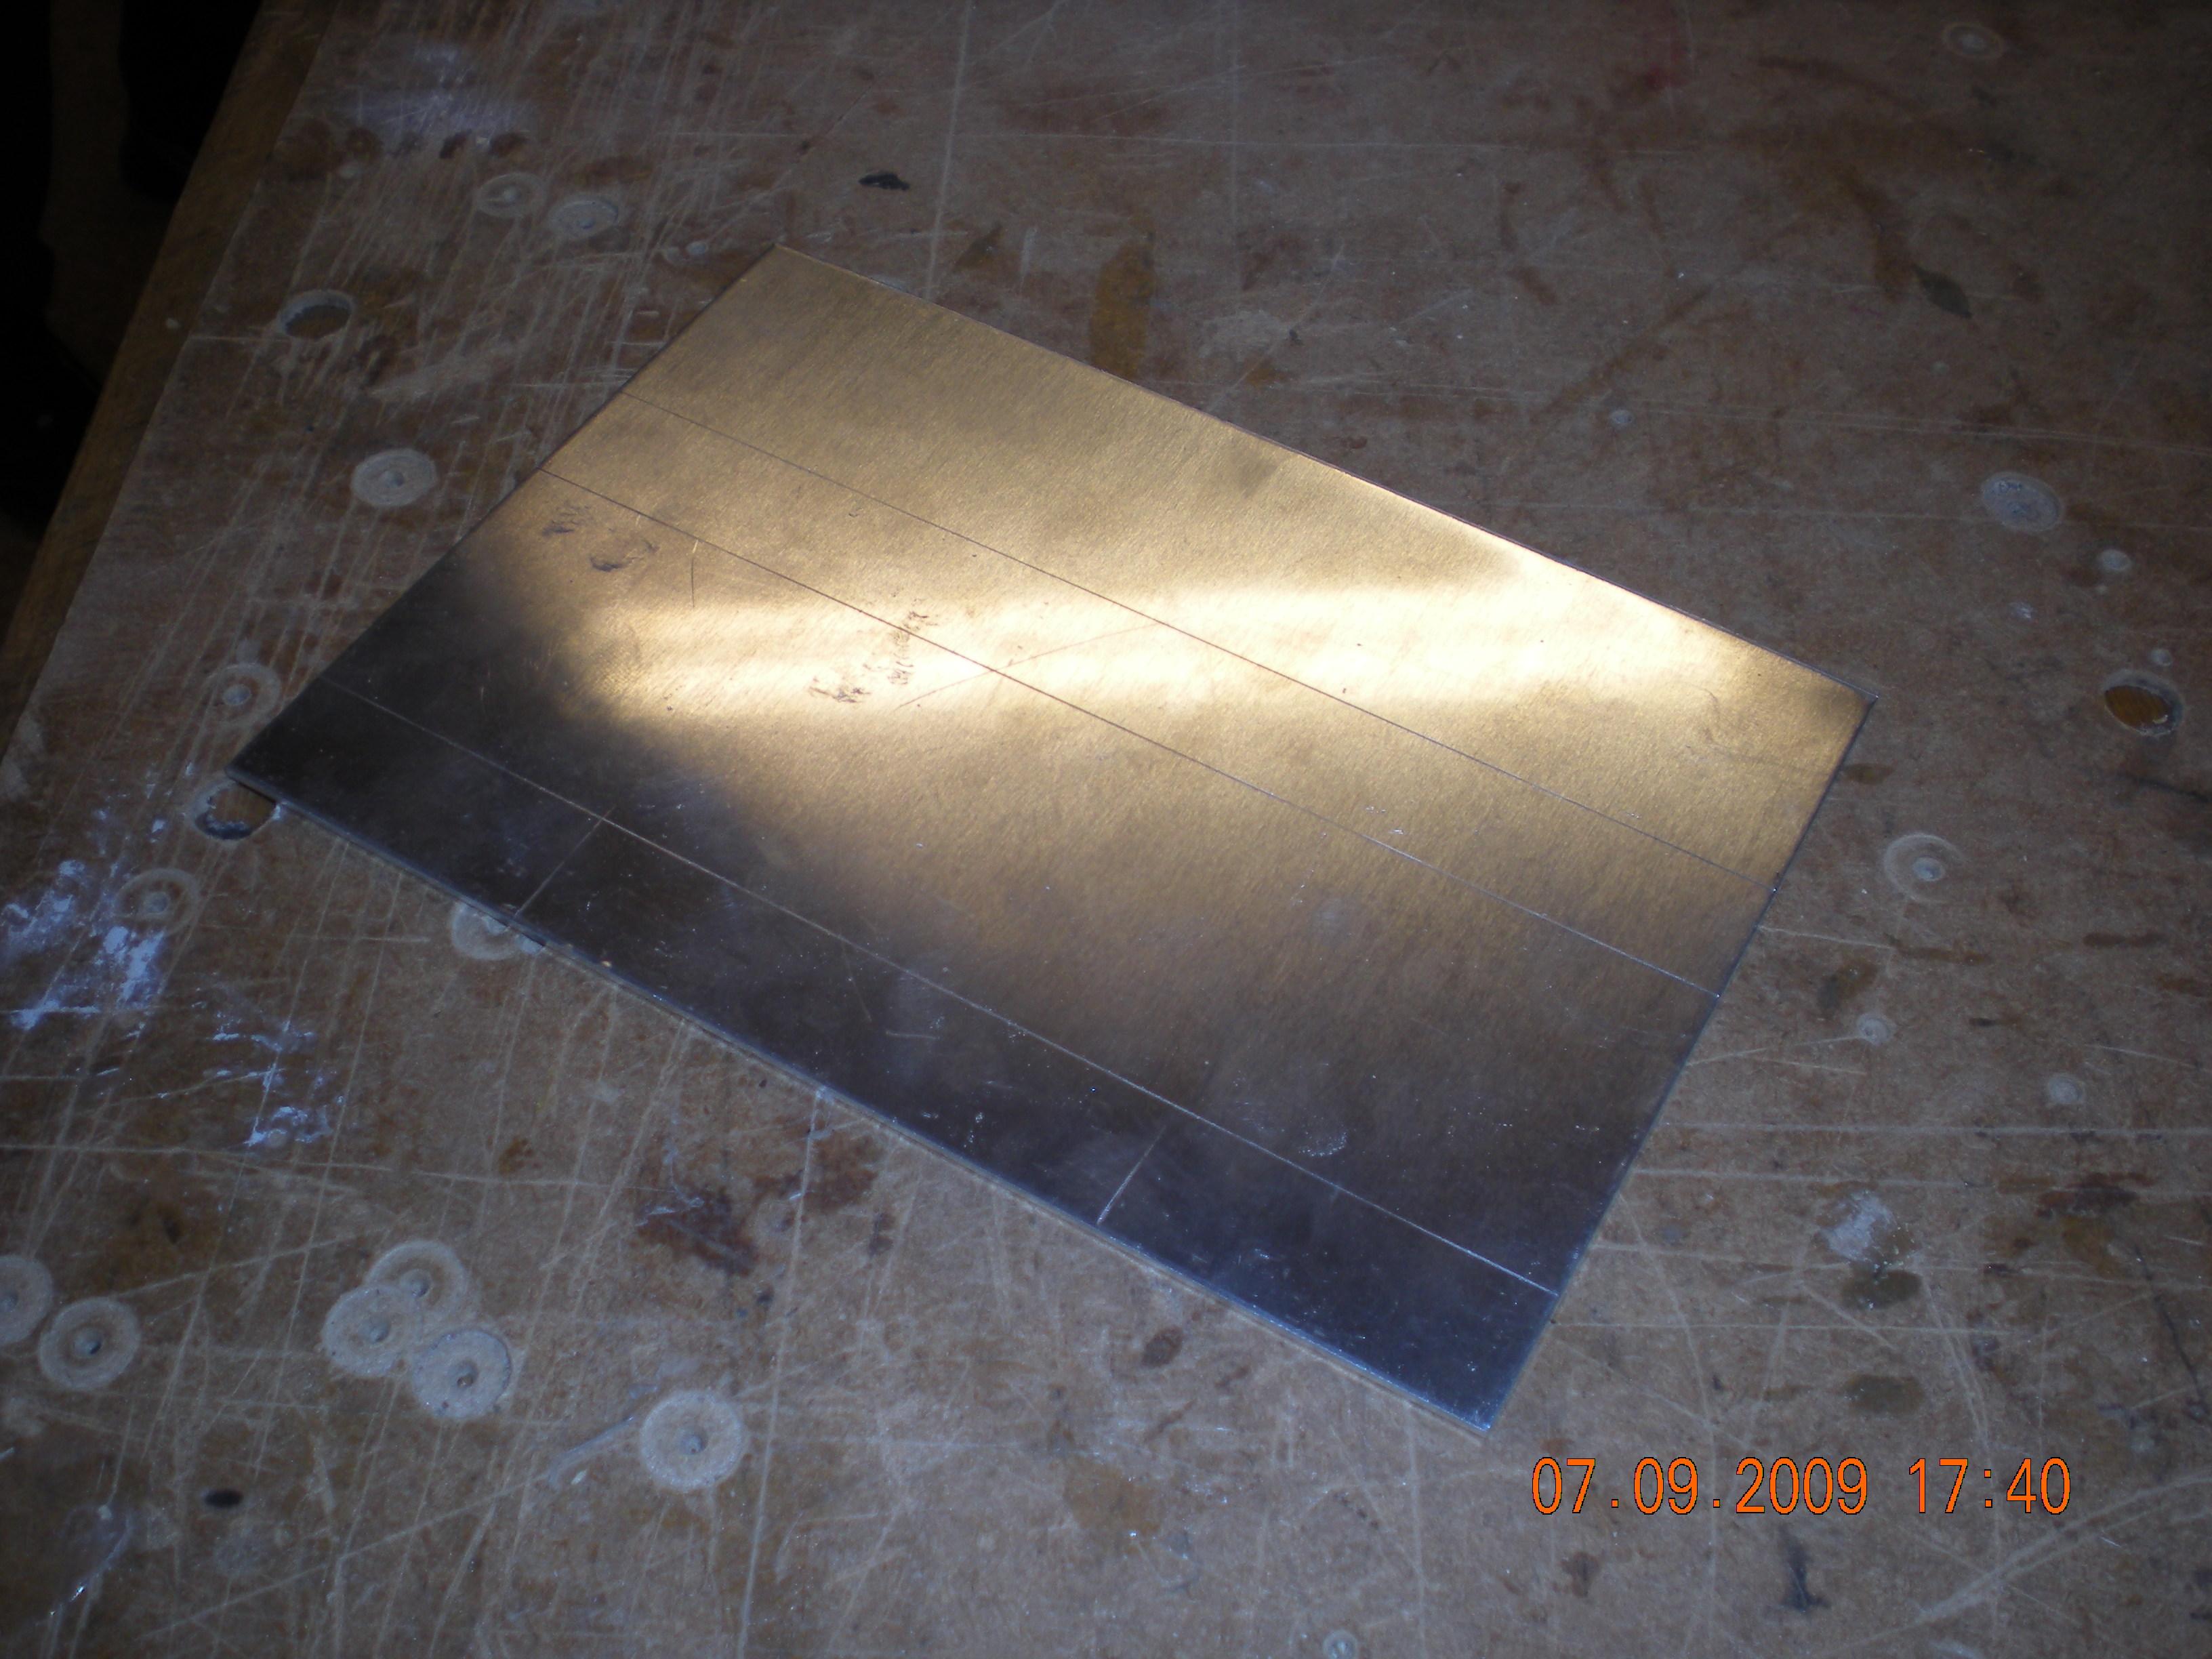 Bunden som skal holde alt inkl. karossen, laver jeg i en 2mm aluminiumsplade. Den originale bund i plast, var hverken stærk nok eller havde pladsen til det jeg ville lave.